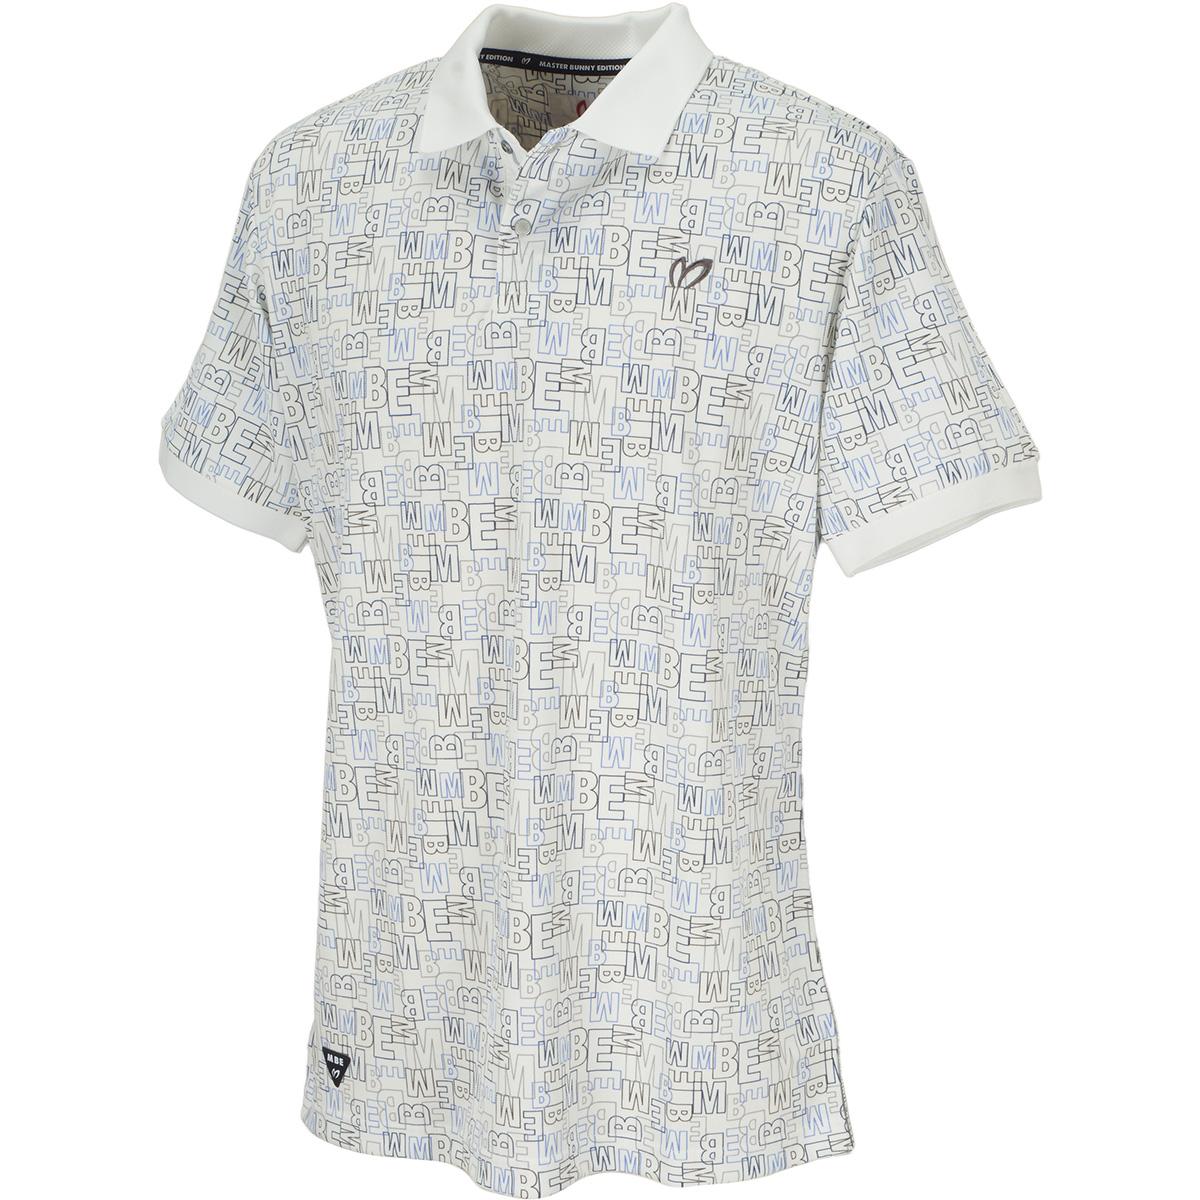 ブロックプリント ポリエステル鹿の子半袖ポロシャツ